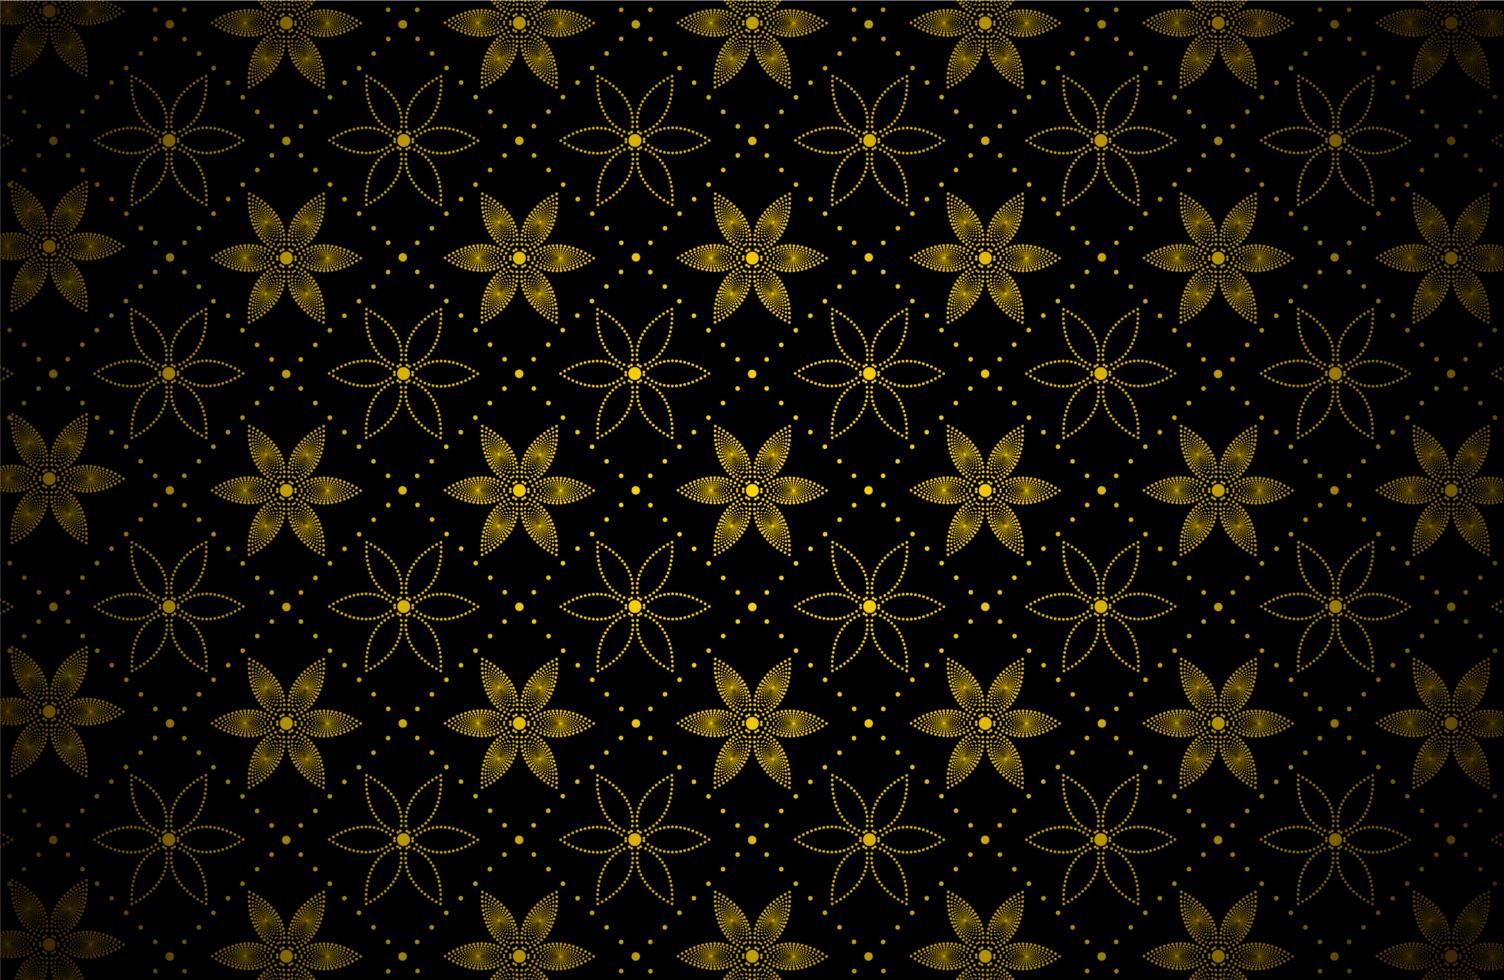 padrão de pontos de flores em ouro escuro vetor